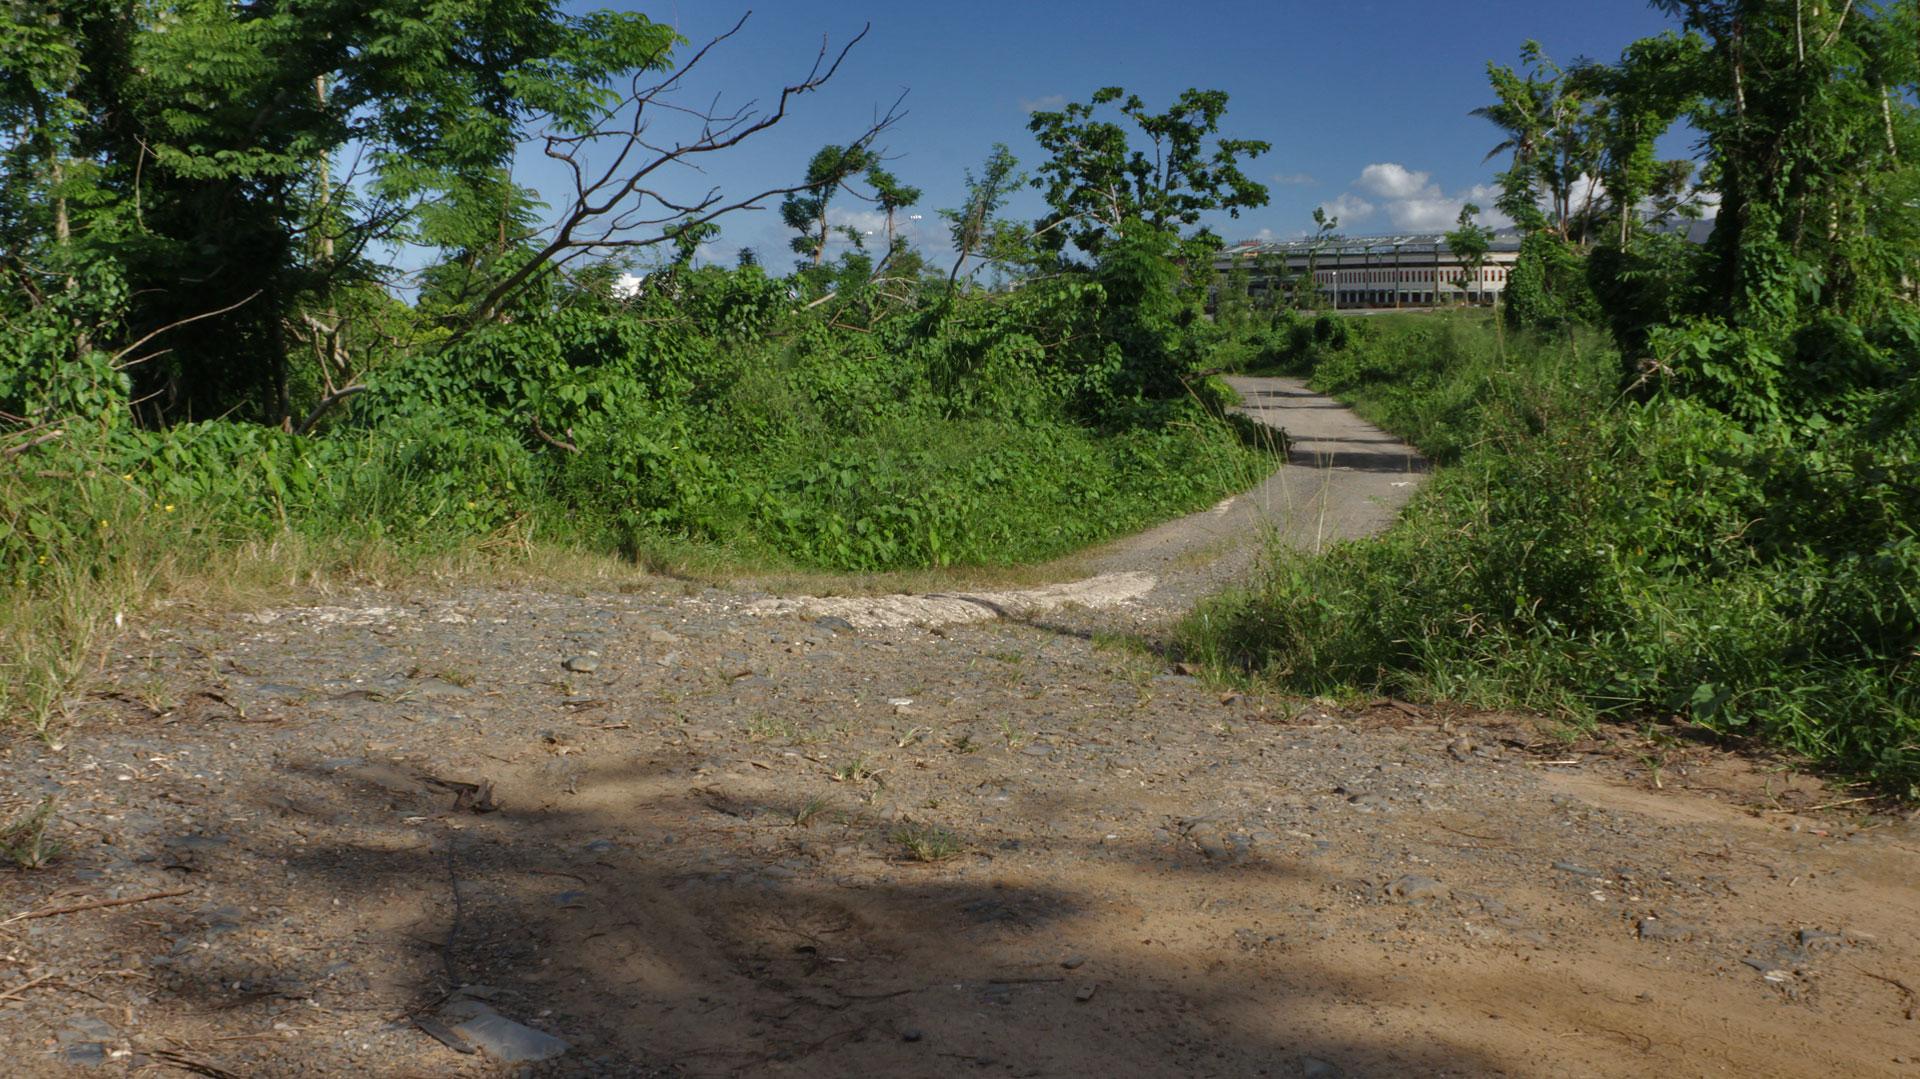 Caminando desde Villa Caridad al Puente Julia De Burgos en Carolina, Puerto Rico.